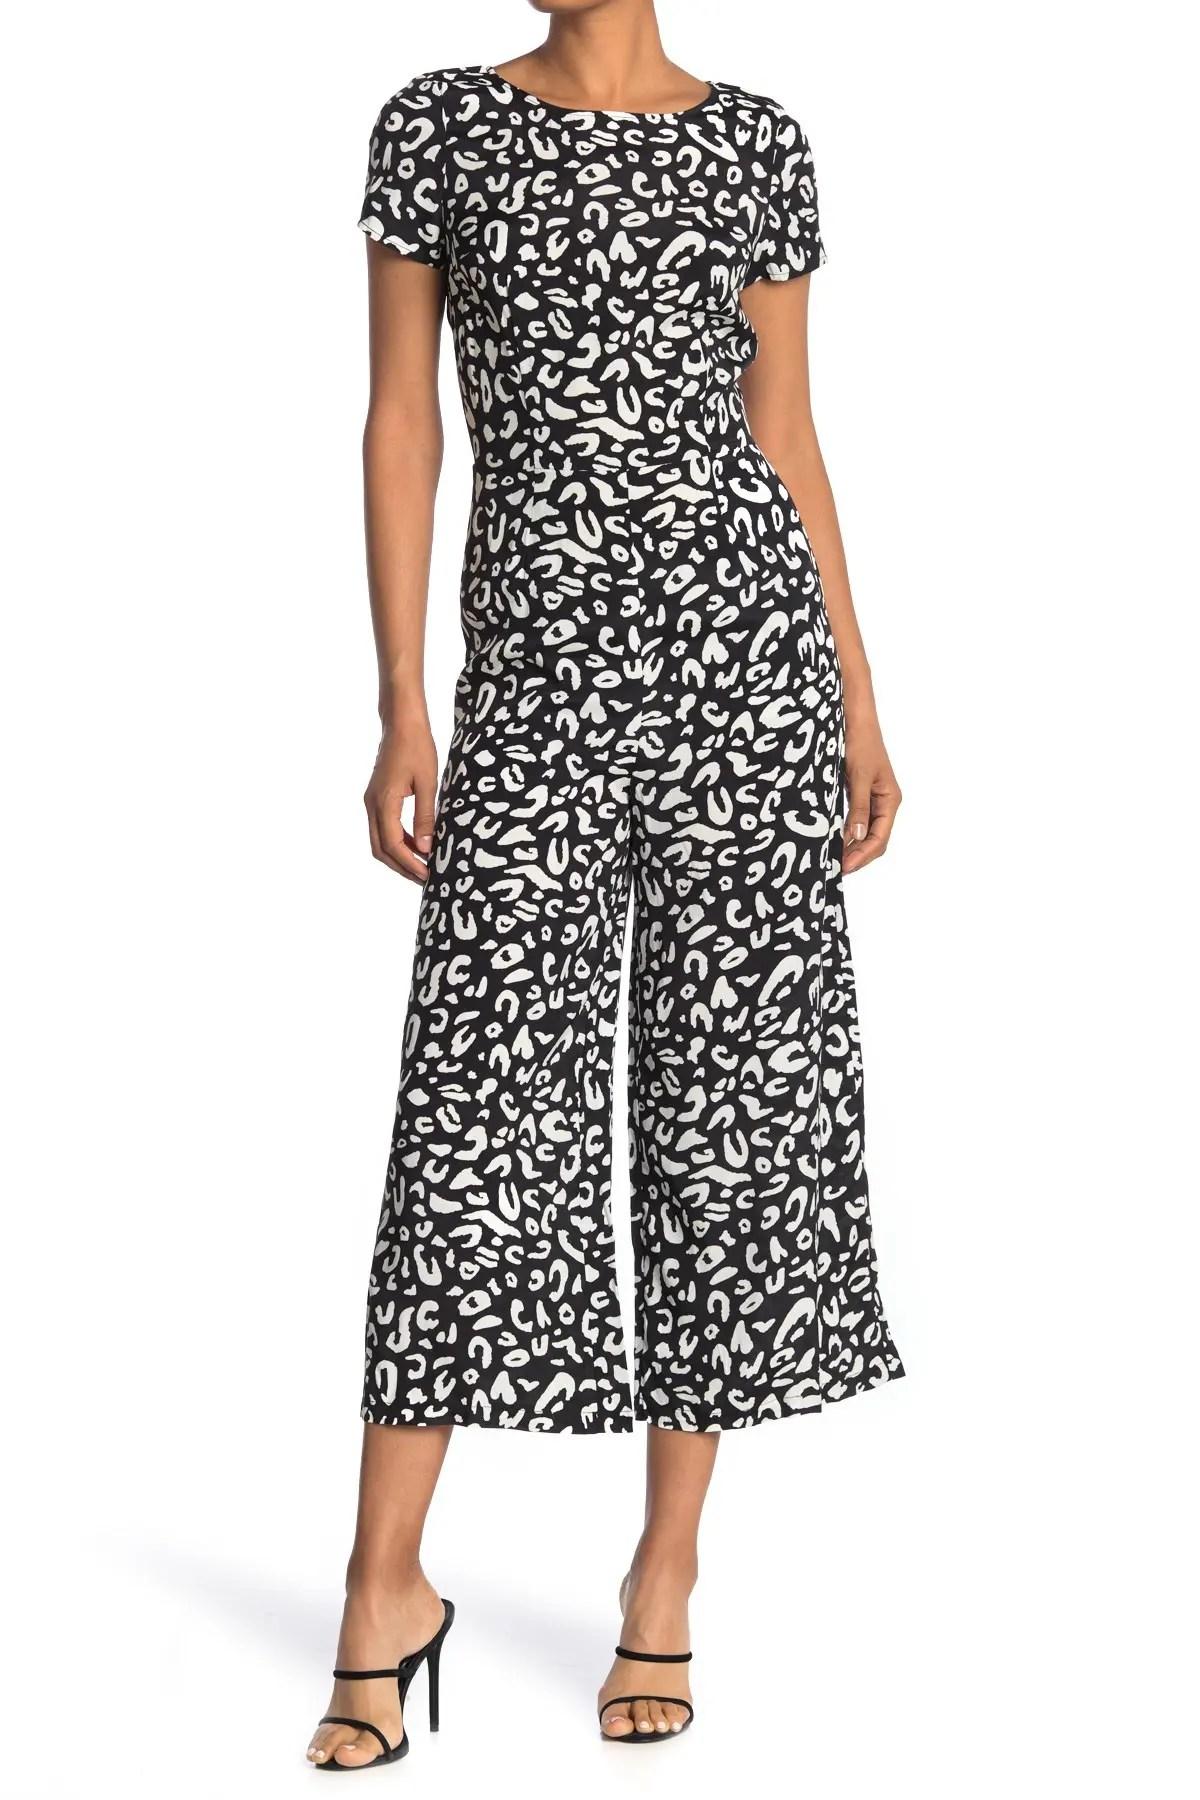 modcloth plus size dresses for women